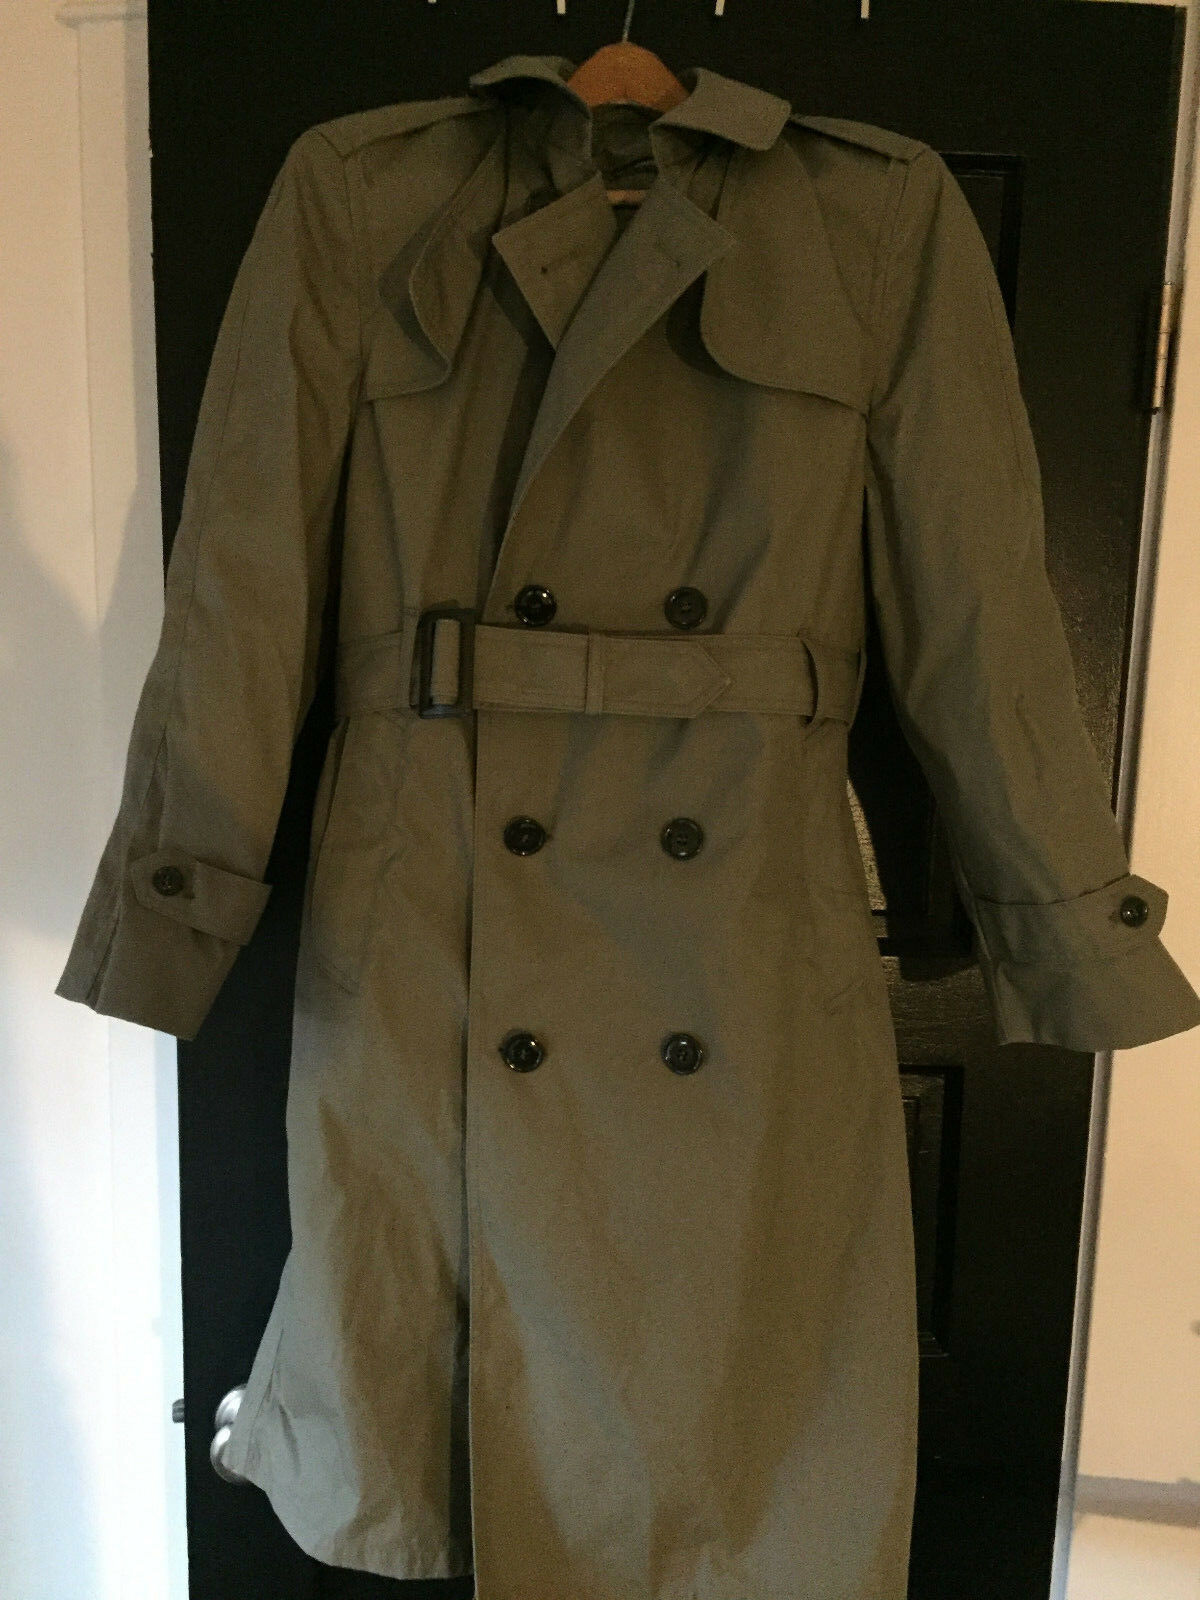 Nueva Agencia de Logística de Defensa valor Colección 36S Piloto  Abrigo Chaqueta verde Tan  venta con alto descuento